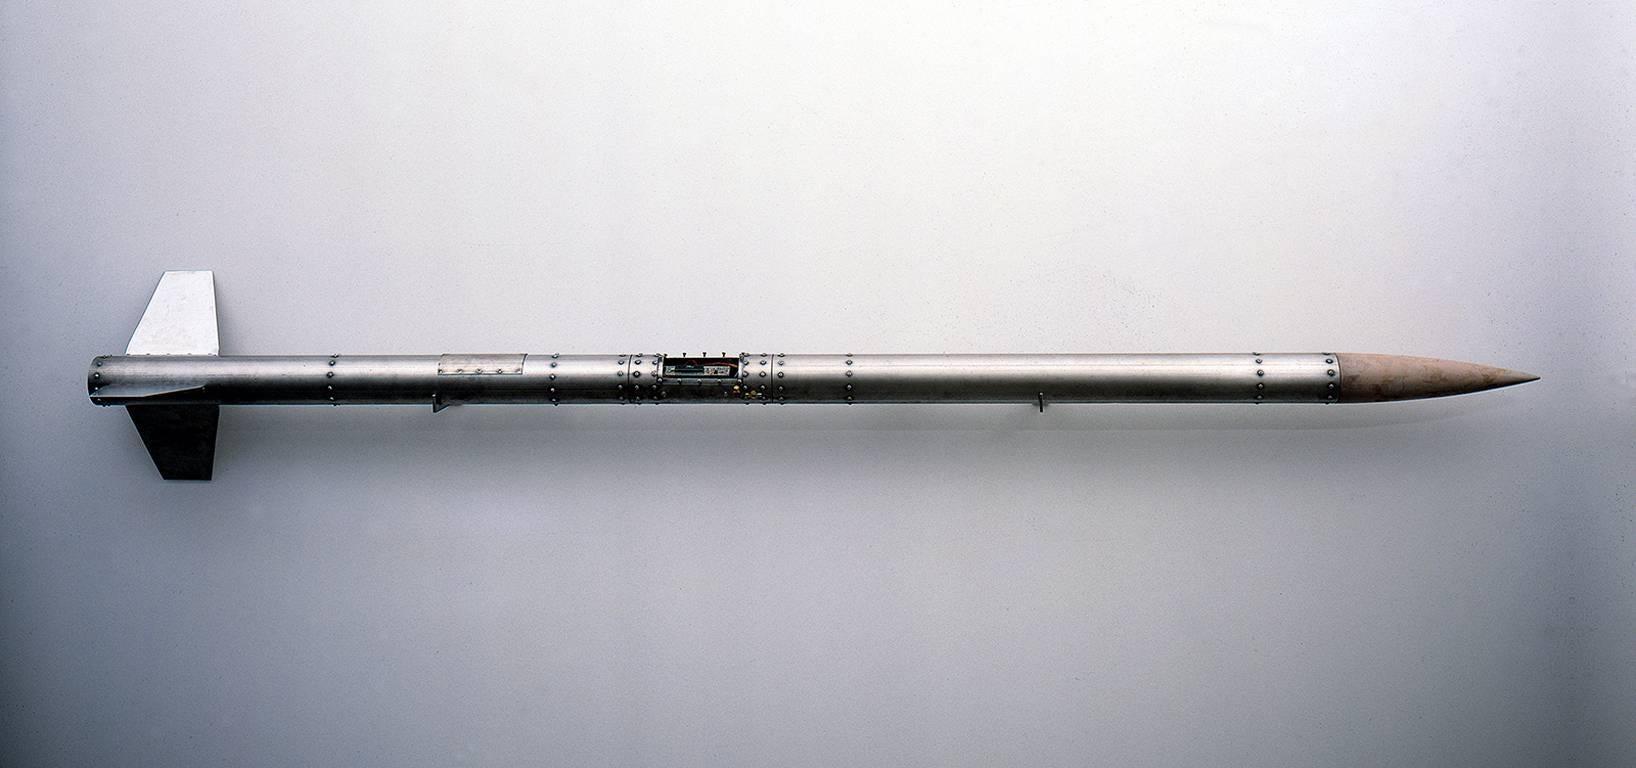 Fido (Mock Chemical or biological rocket)